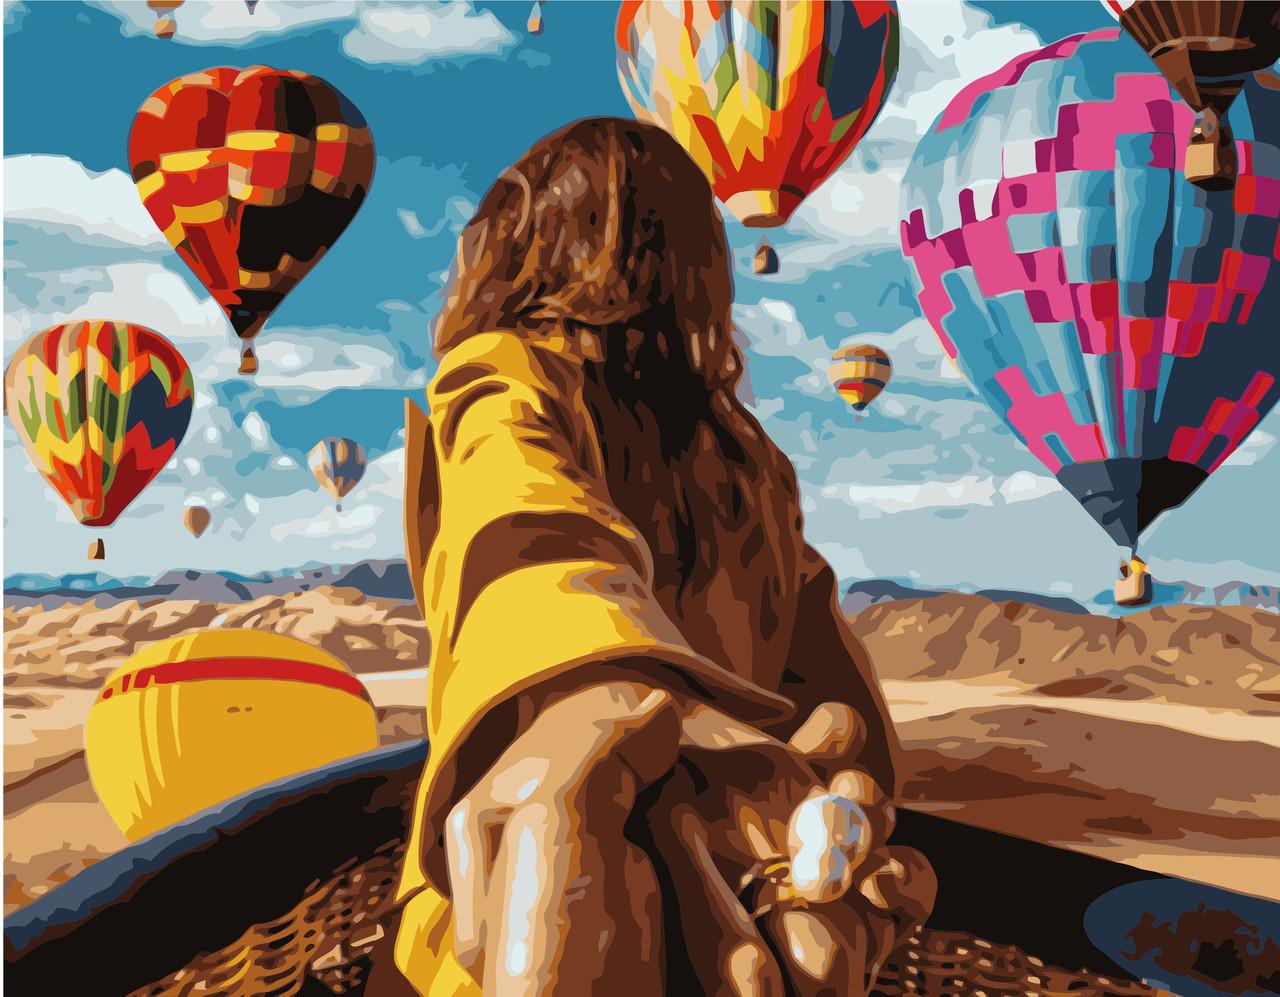 Картина по номерам VA-1283 Девушка с воздушными шарами, 40х50см. Strateg